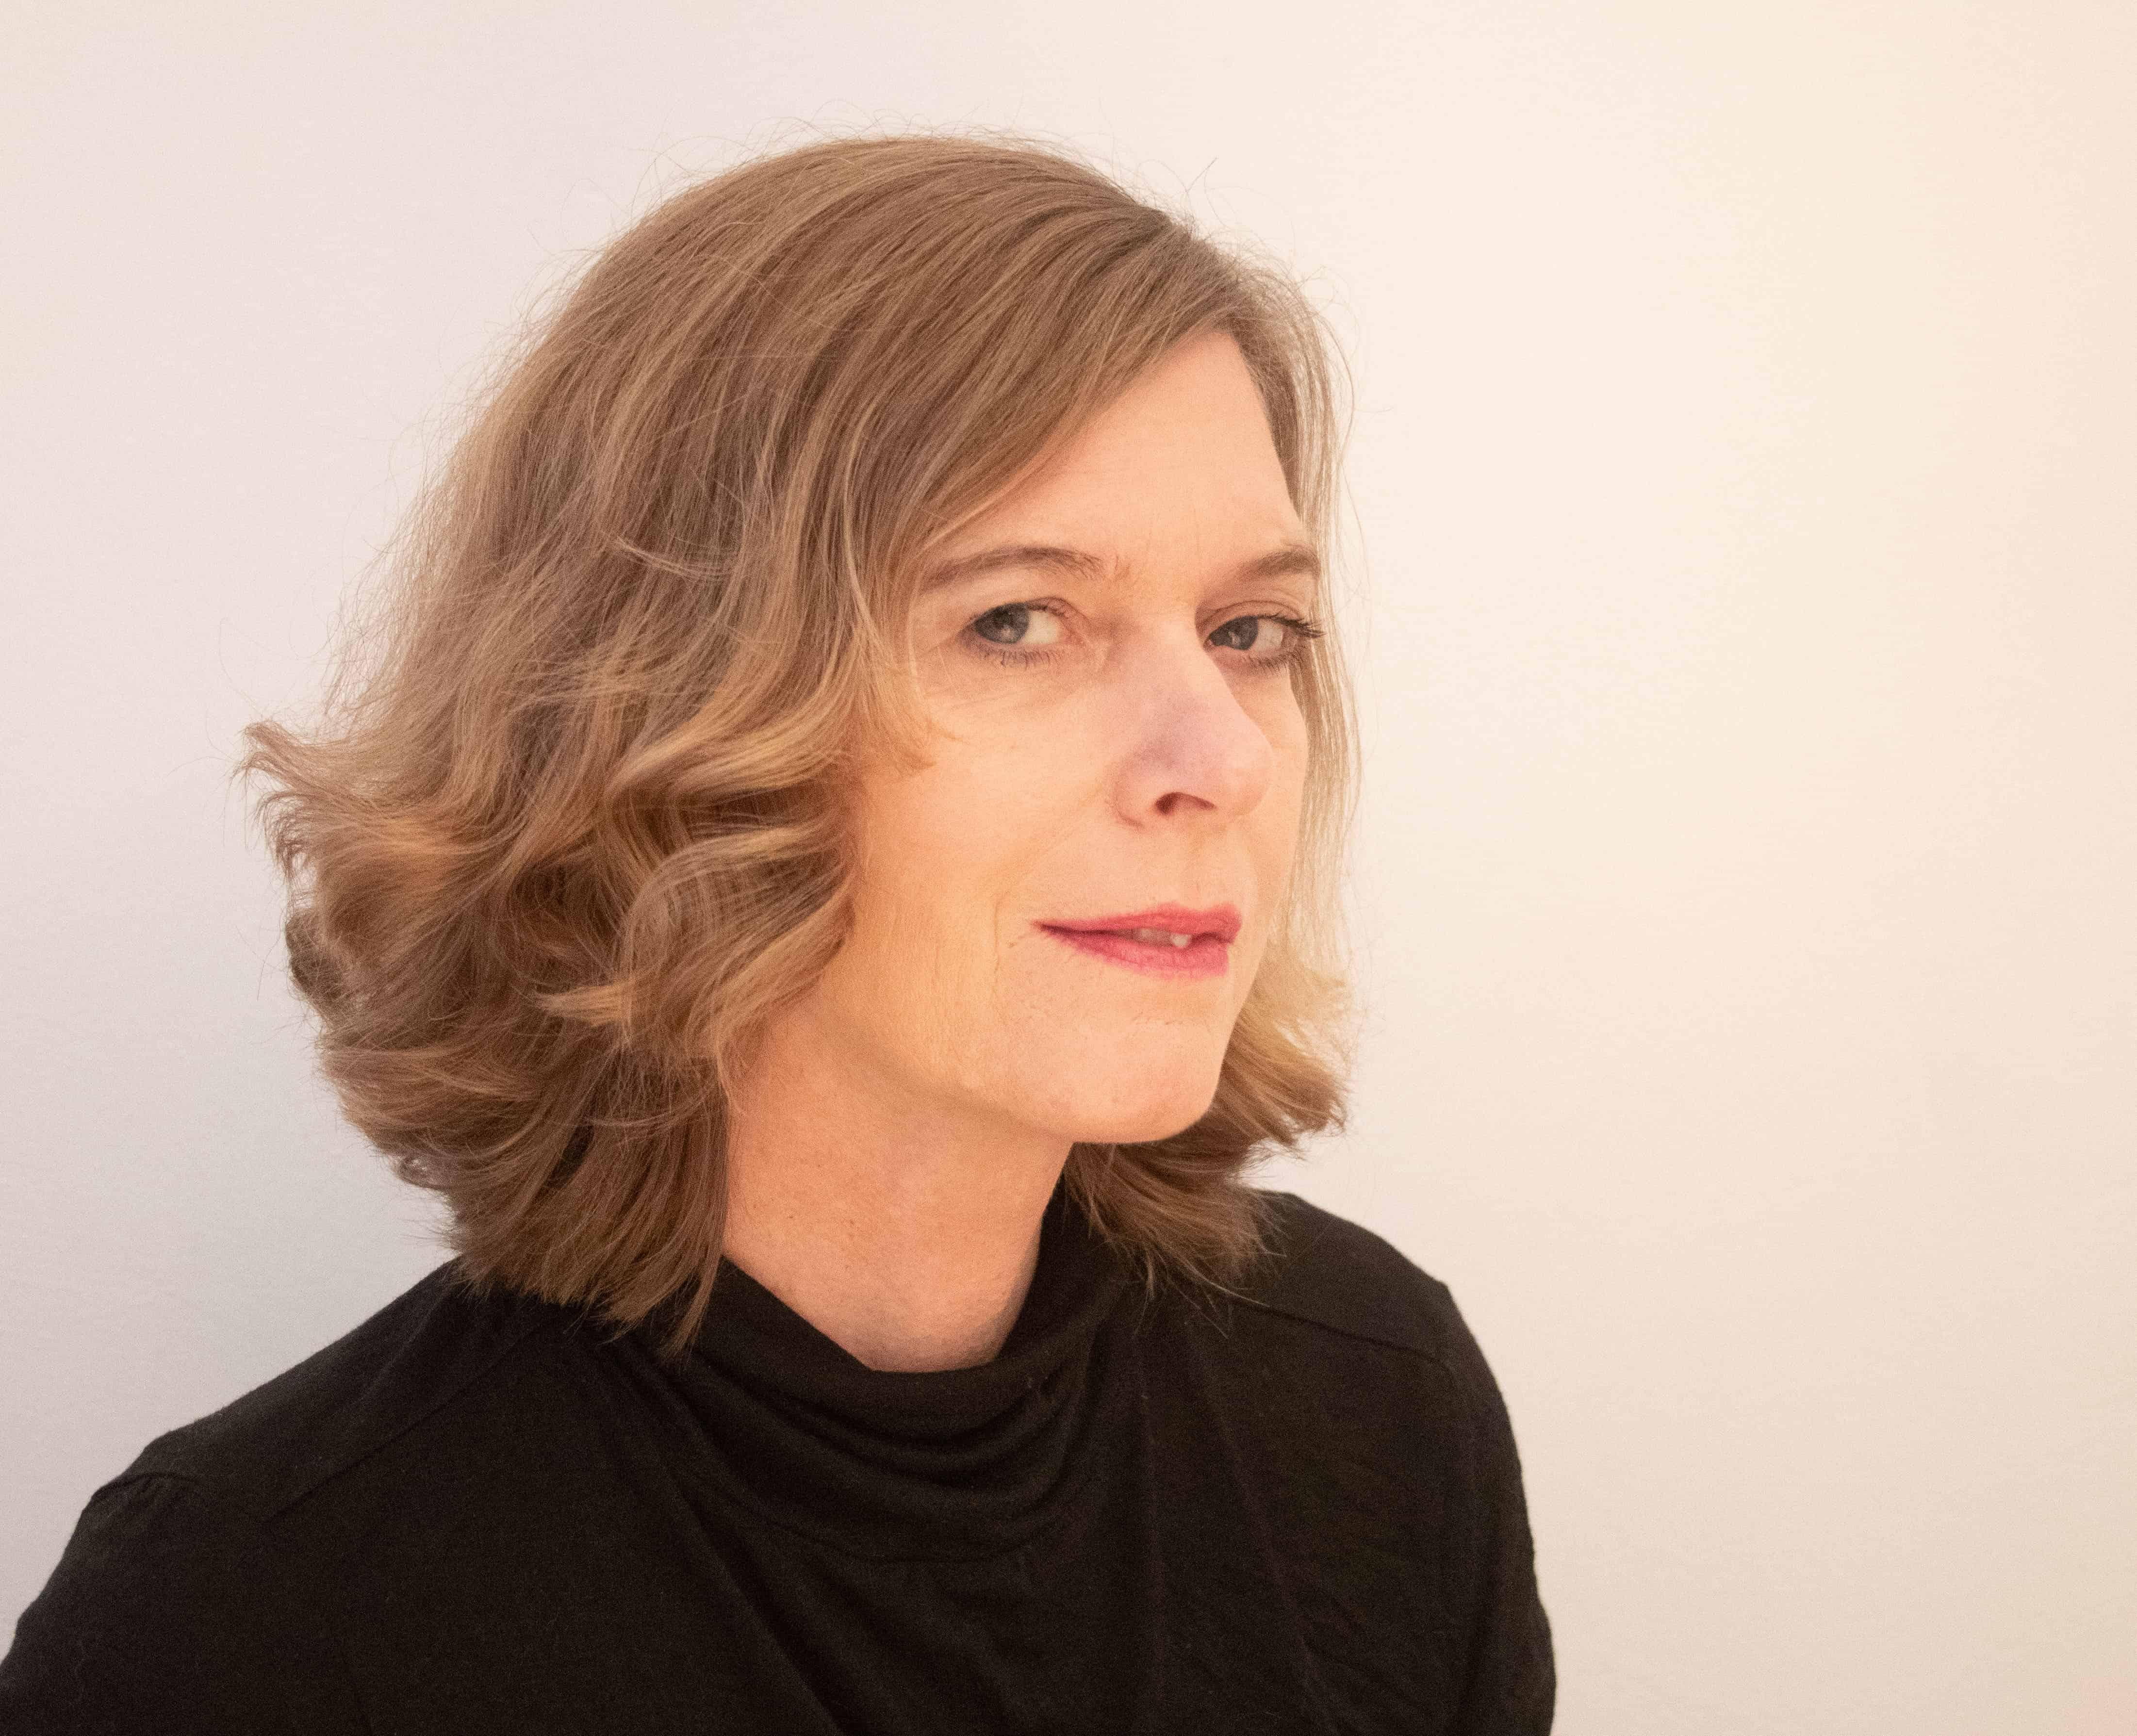 Nathalie Heinke, Texterin aus Frankfurt/M.